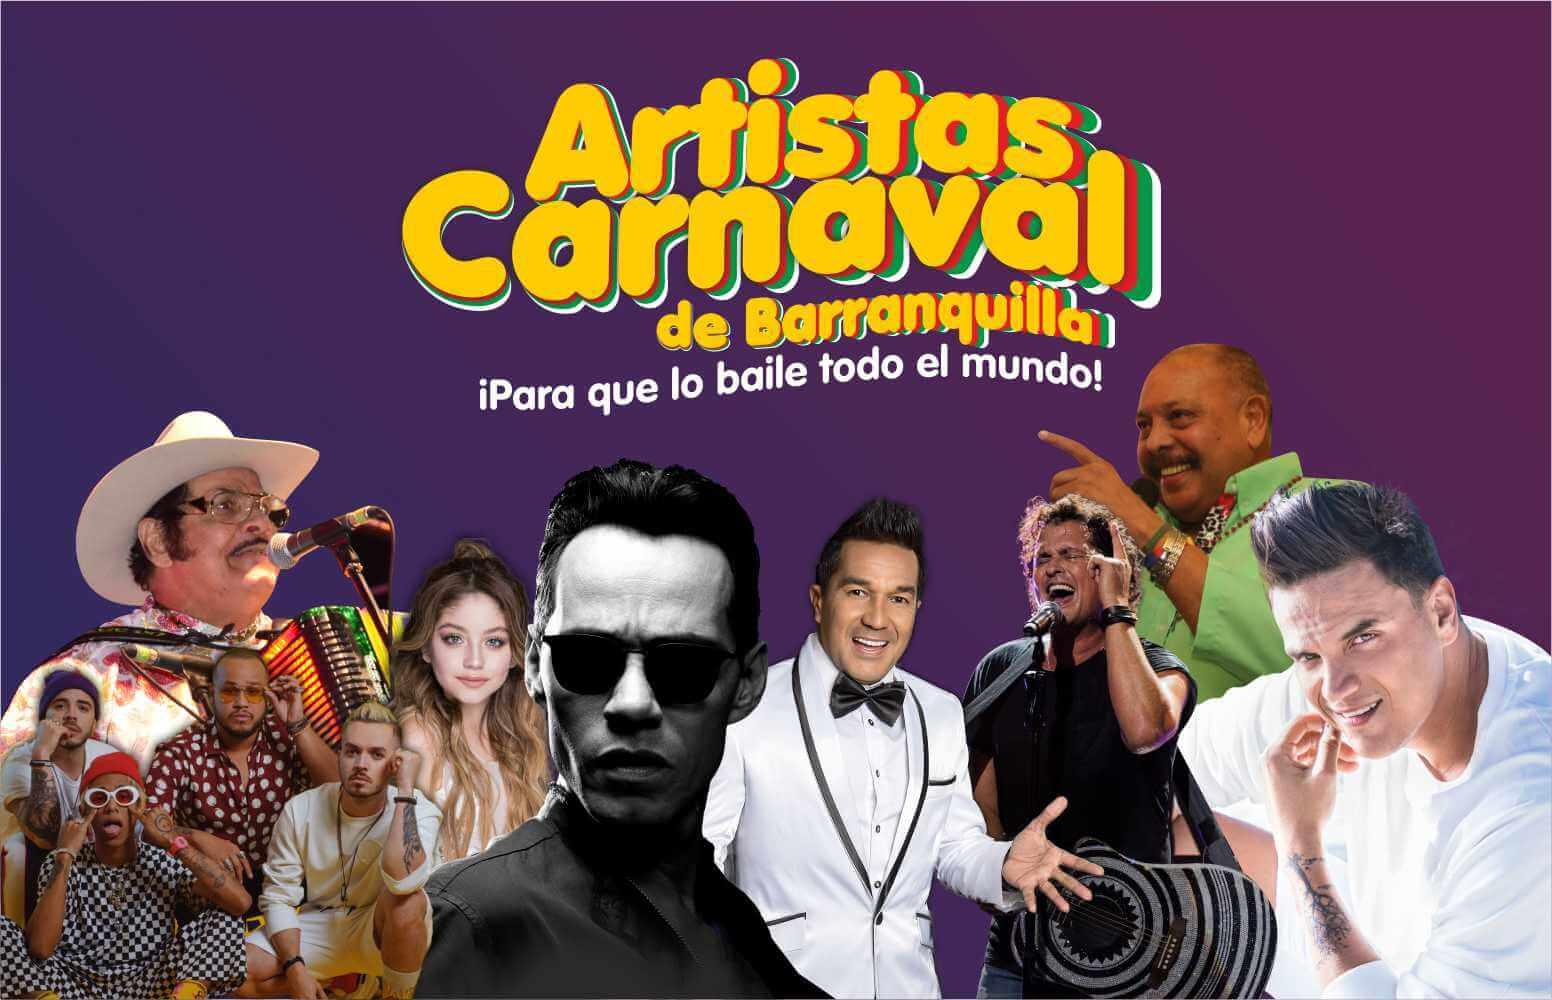 Grandes estrellas de la música en el Carnaval 2019, ¡Para que lo baile todo el mundo!